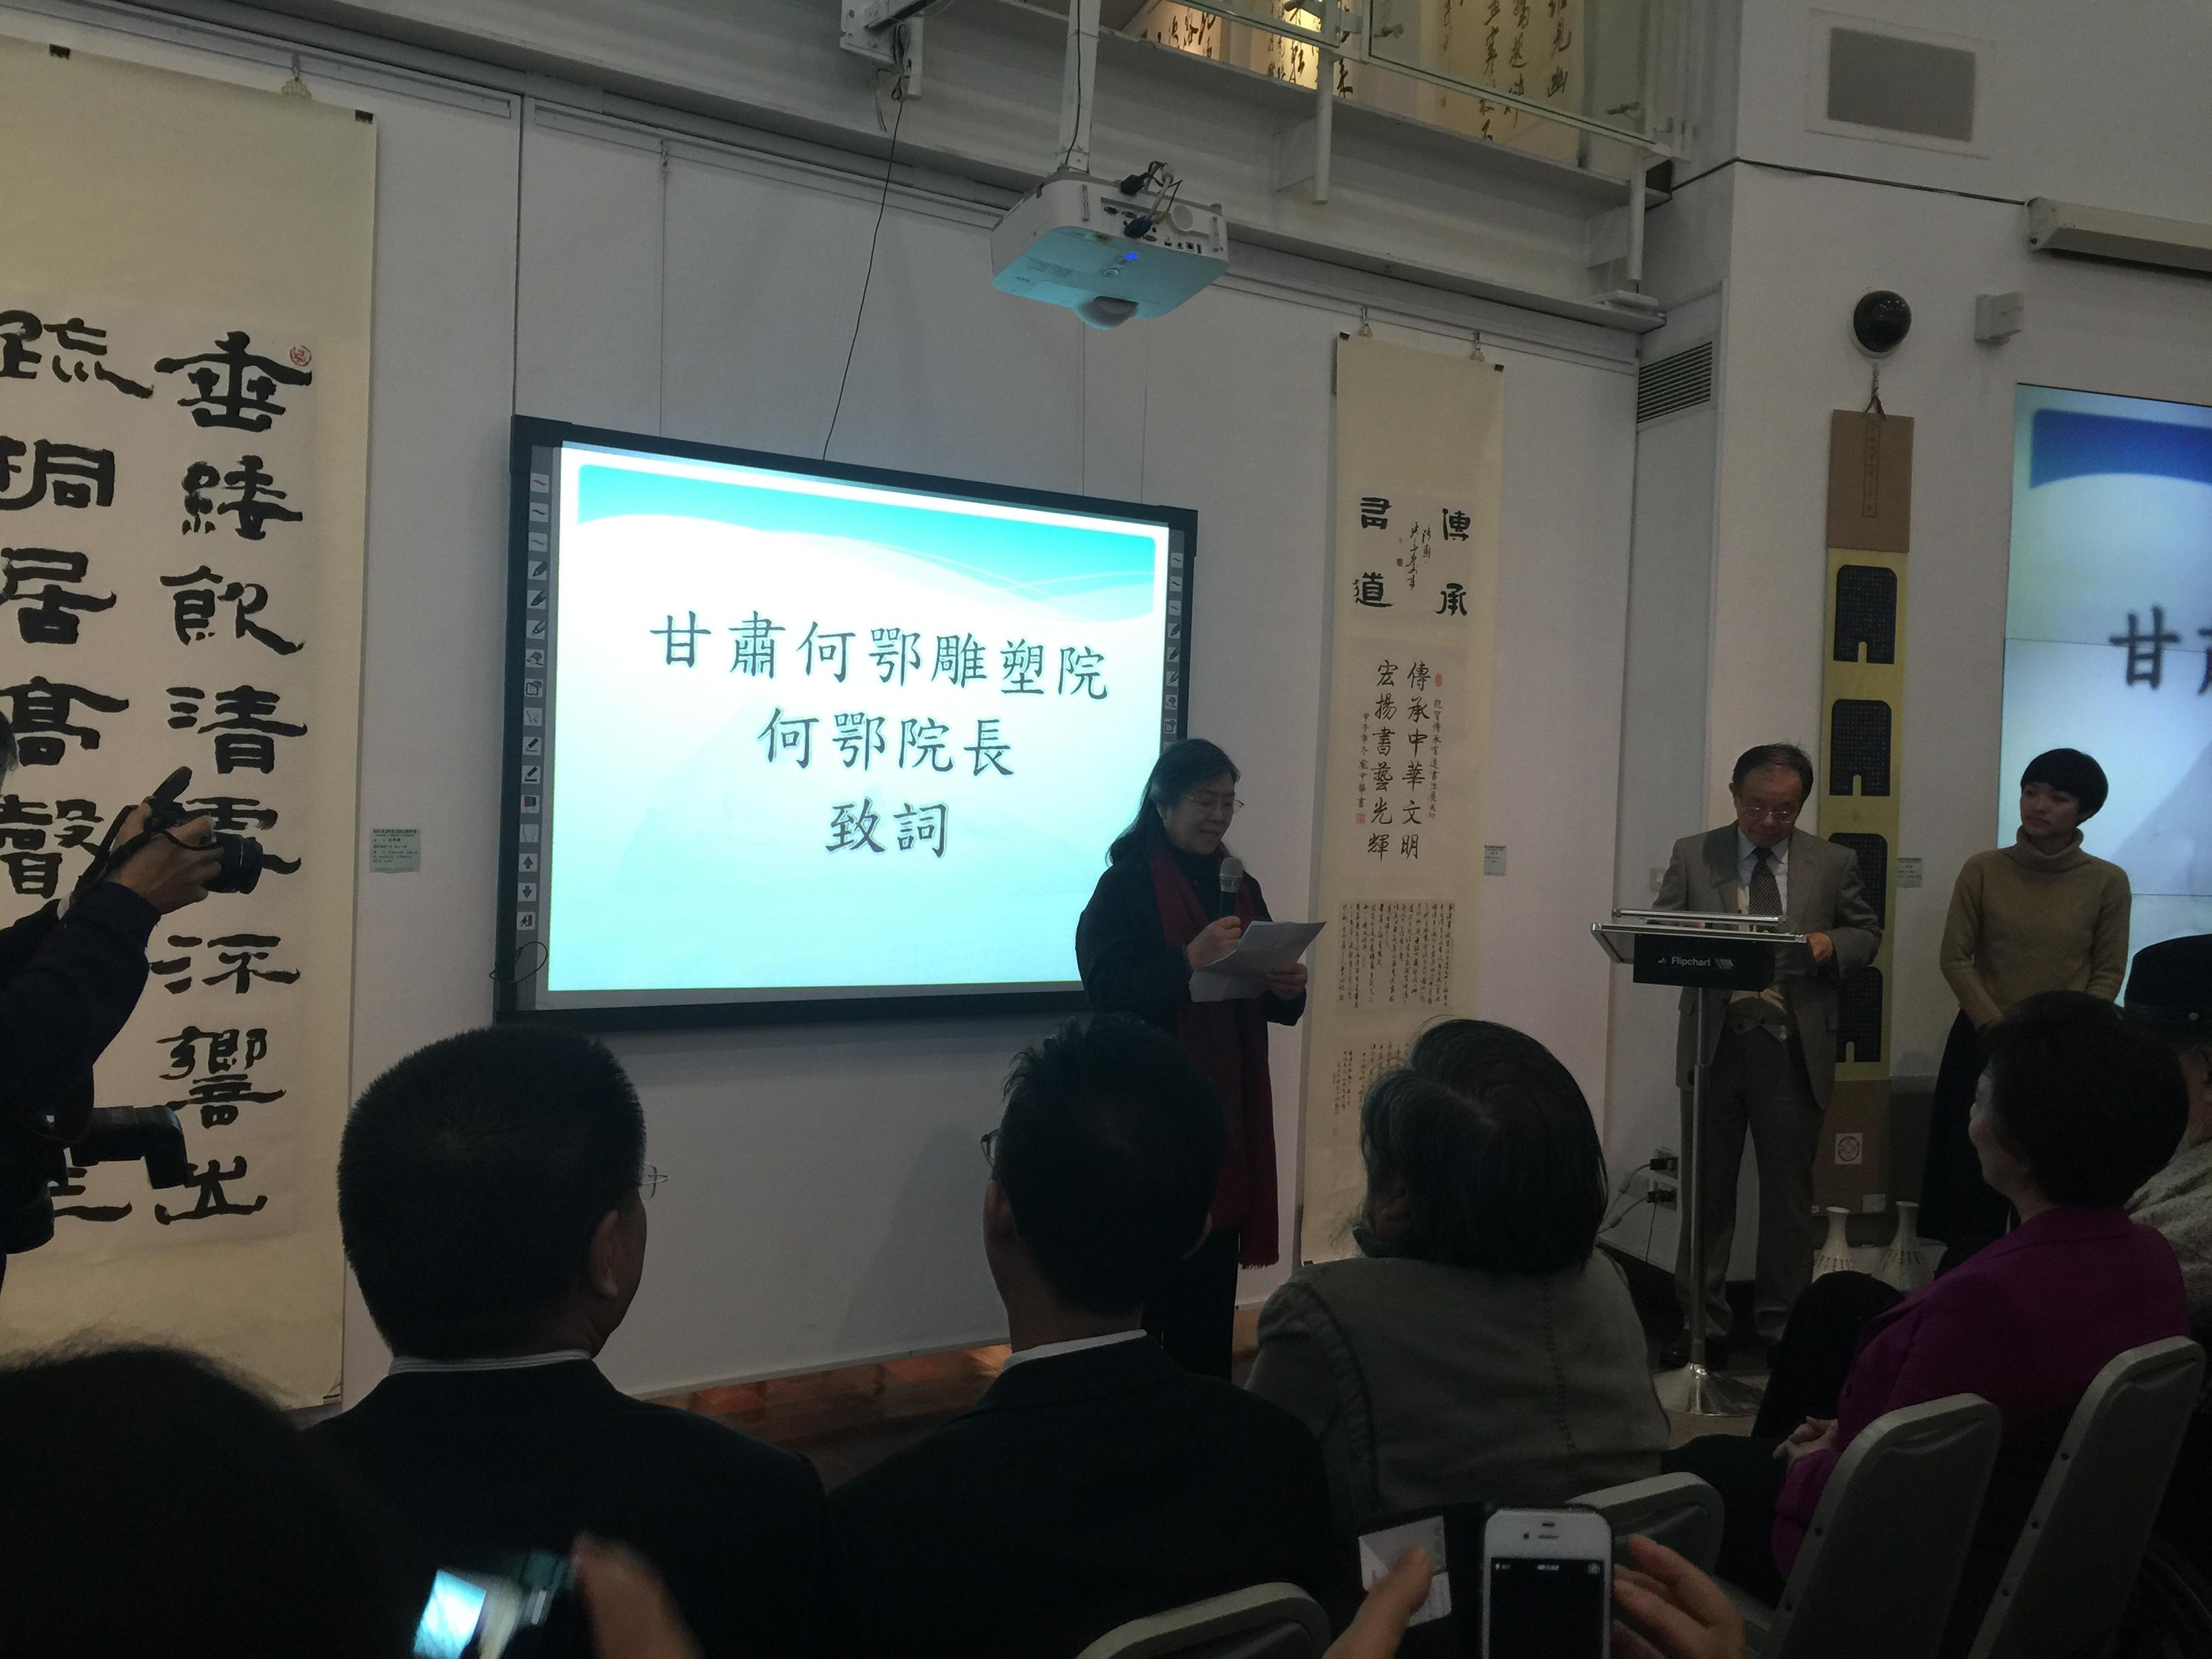 《黄河母亲》台湾淡江大学捐赠仪式现场